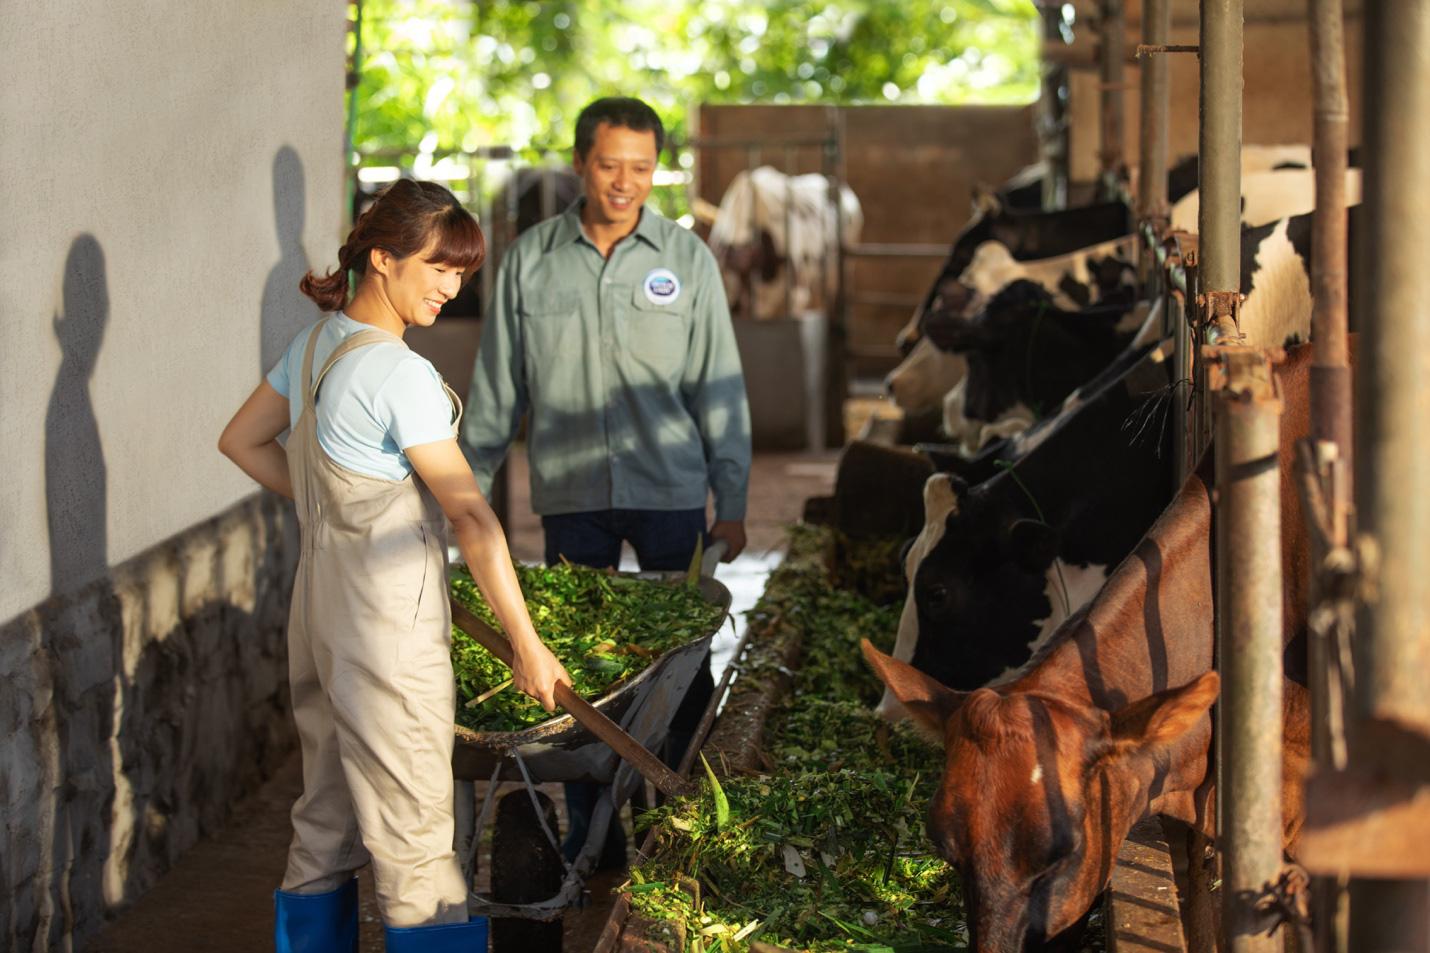 Theo chân nhiếp ảnh gia nổi tiếng: Bất ngờ trước nỗ lực sản xuất dòng sữa chuẩn Hà Lan của nhiều thế hệ nông dân Việt - Ảnh 1.